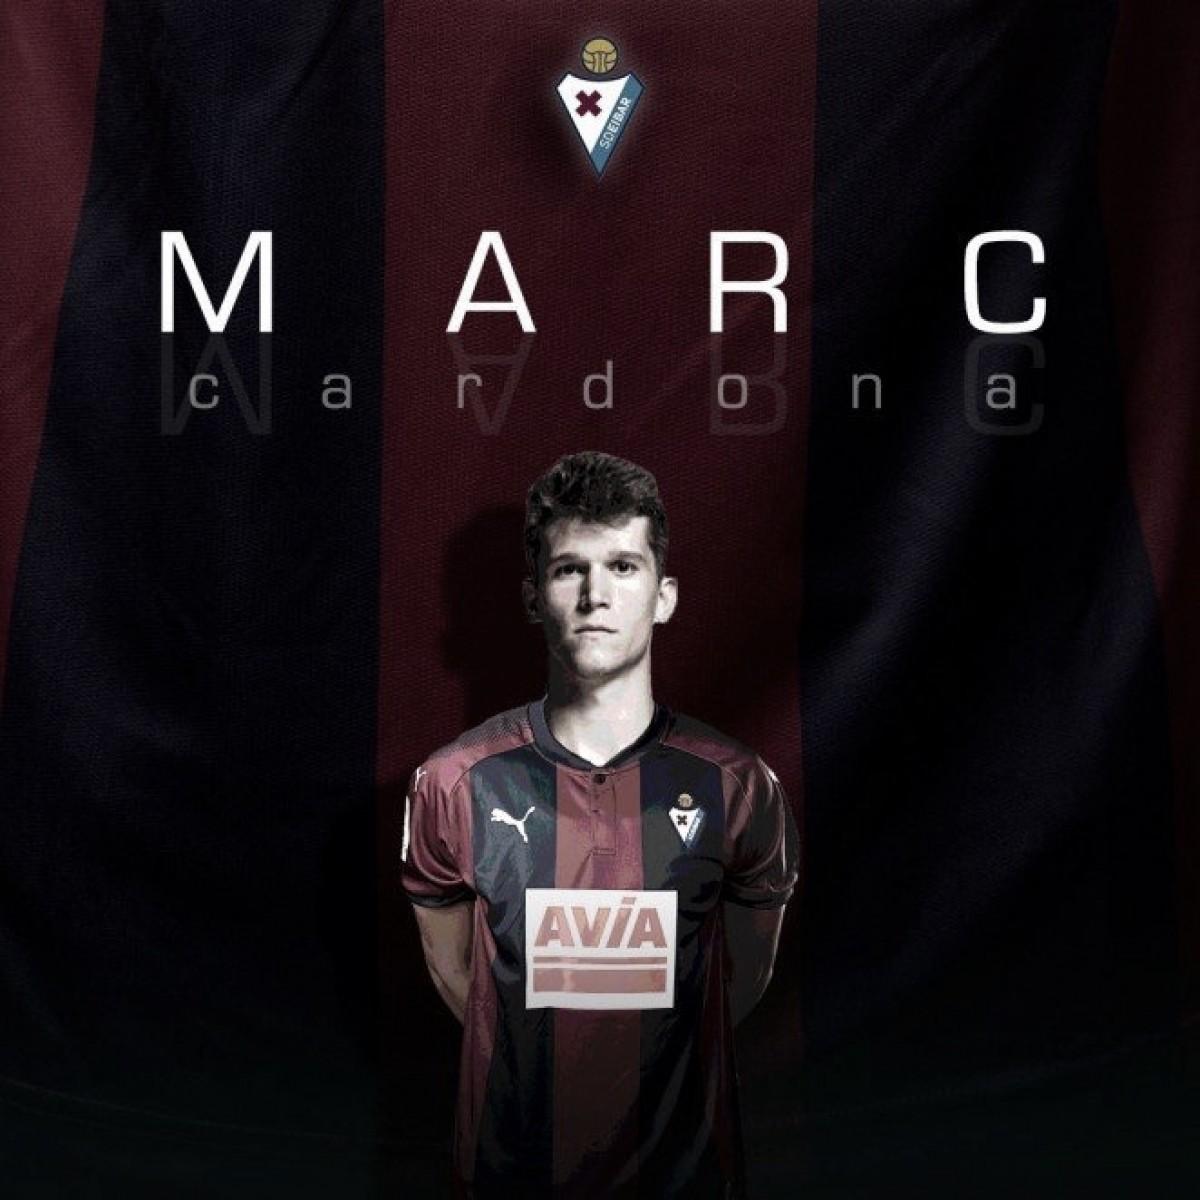 Atacante Marc Cardona chega ao Eibar emprestado pelo Barcelona